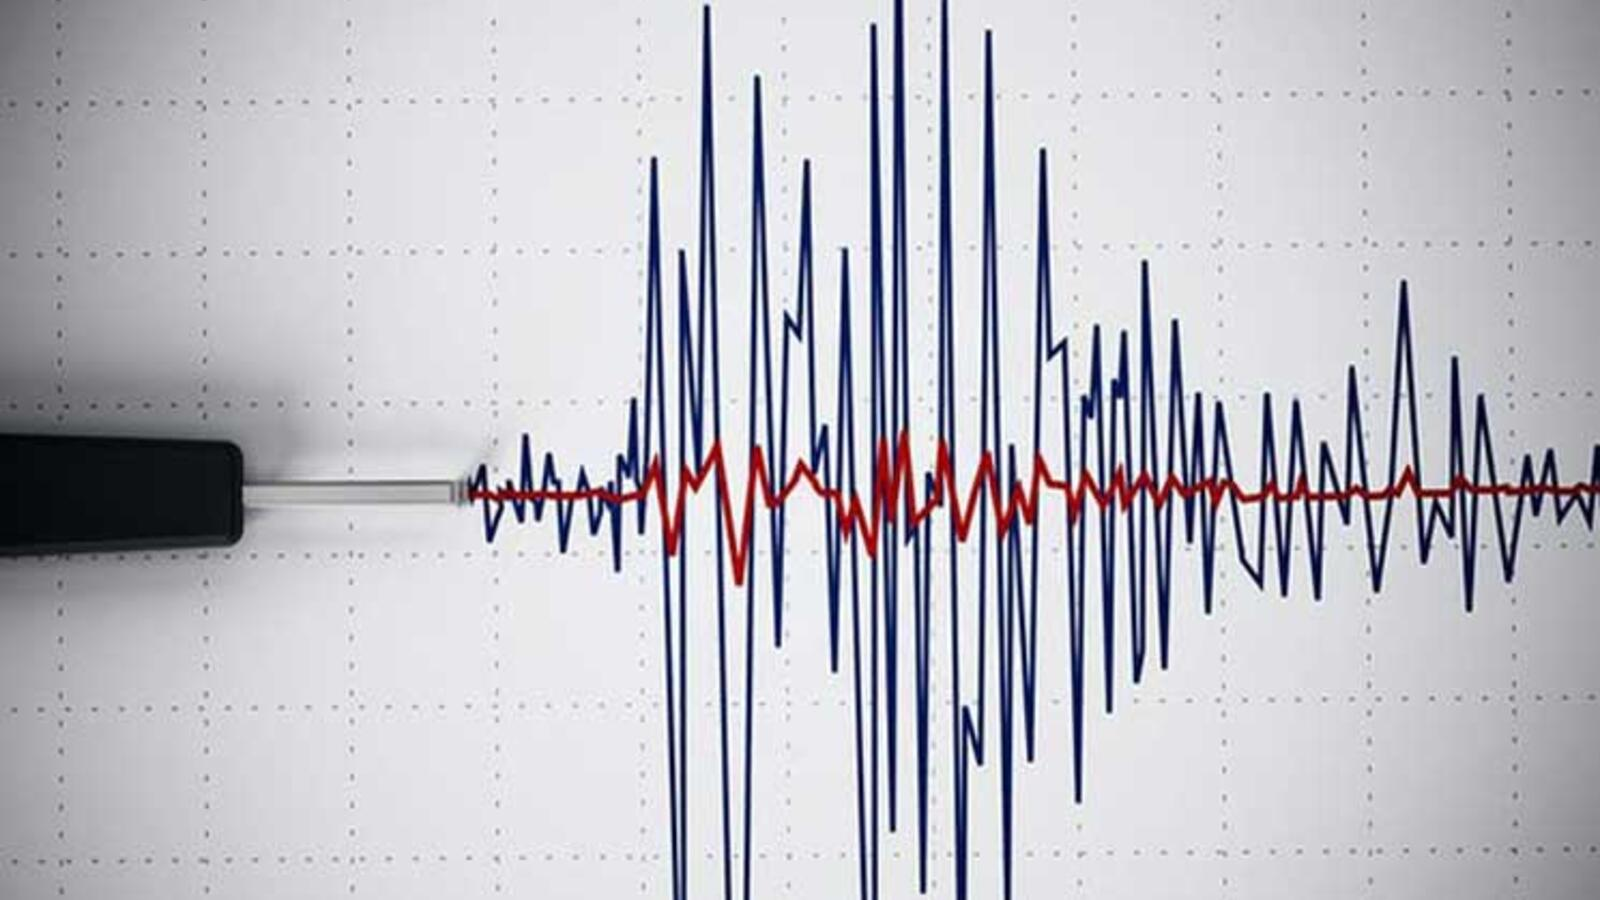 زلزال بقوة 5.7 درجات يضرب جنوب الفلبين